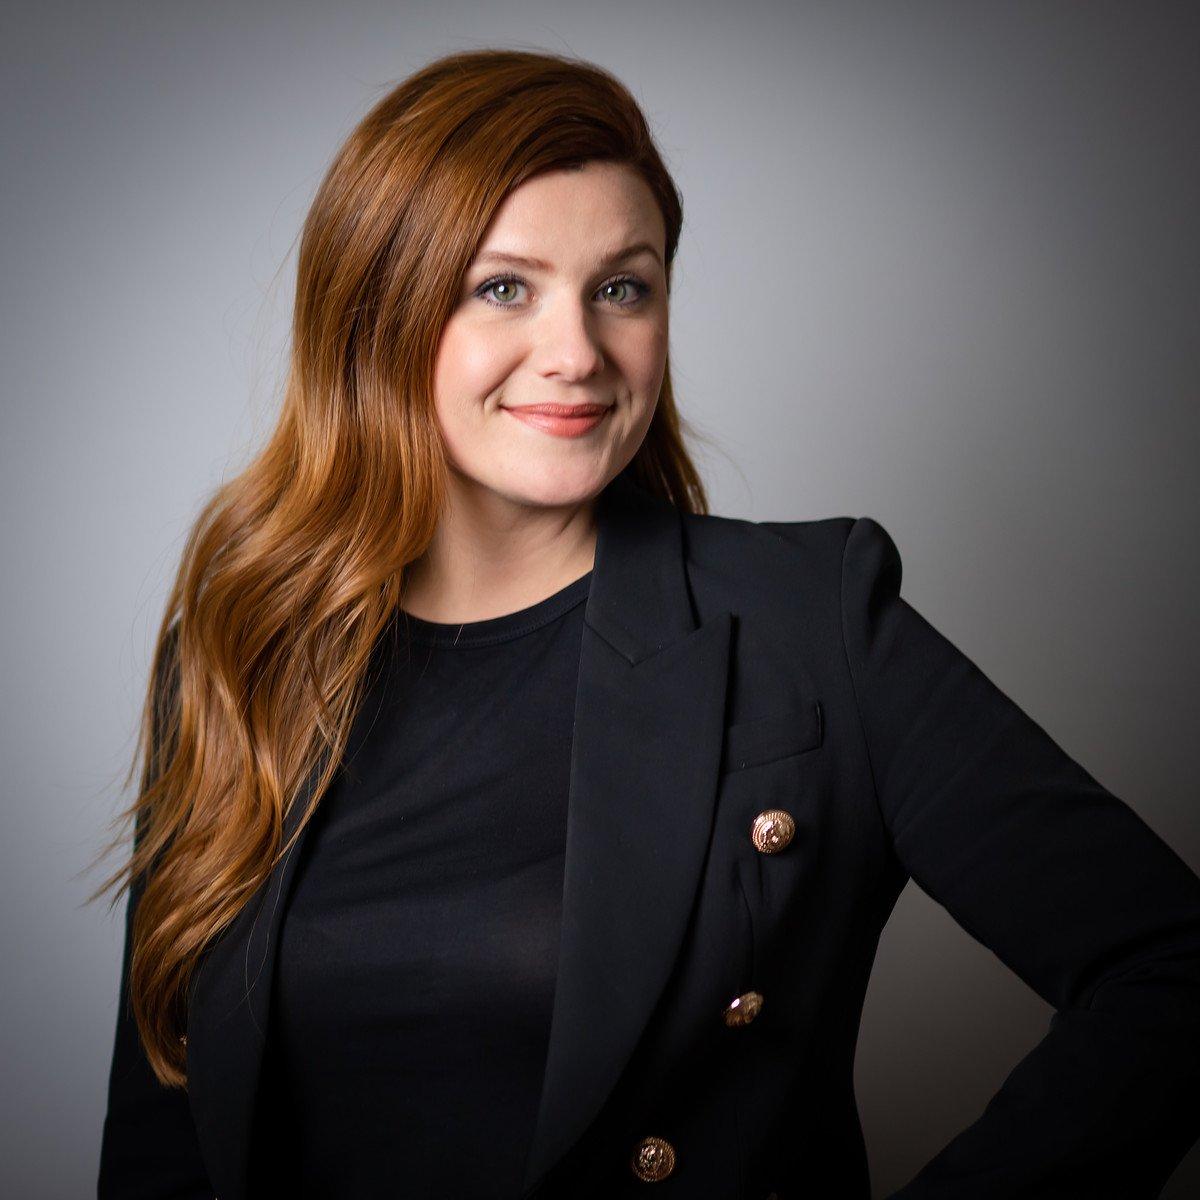 Lauren Baxter Portrait